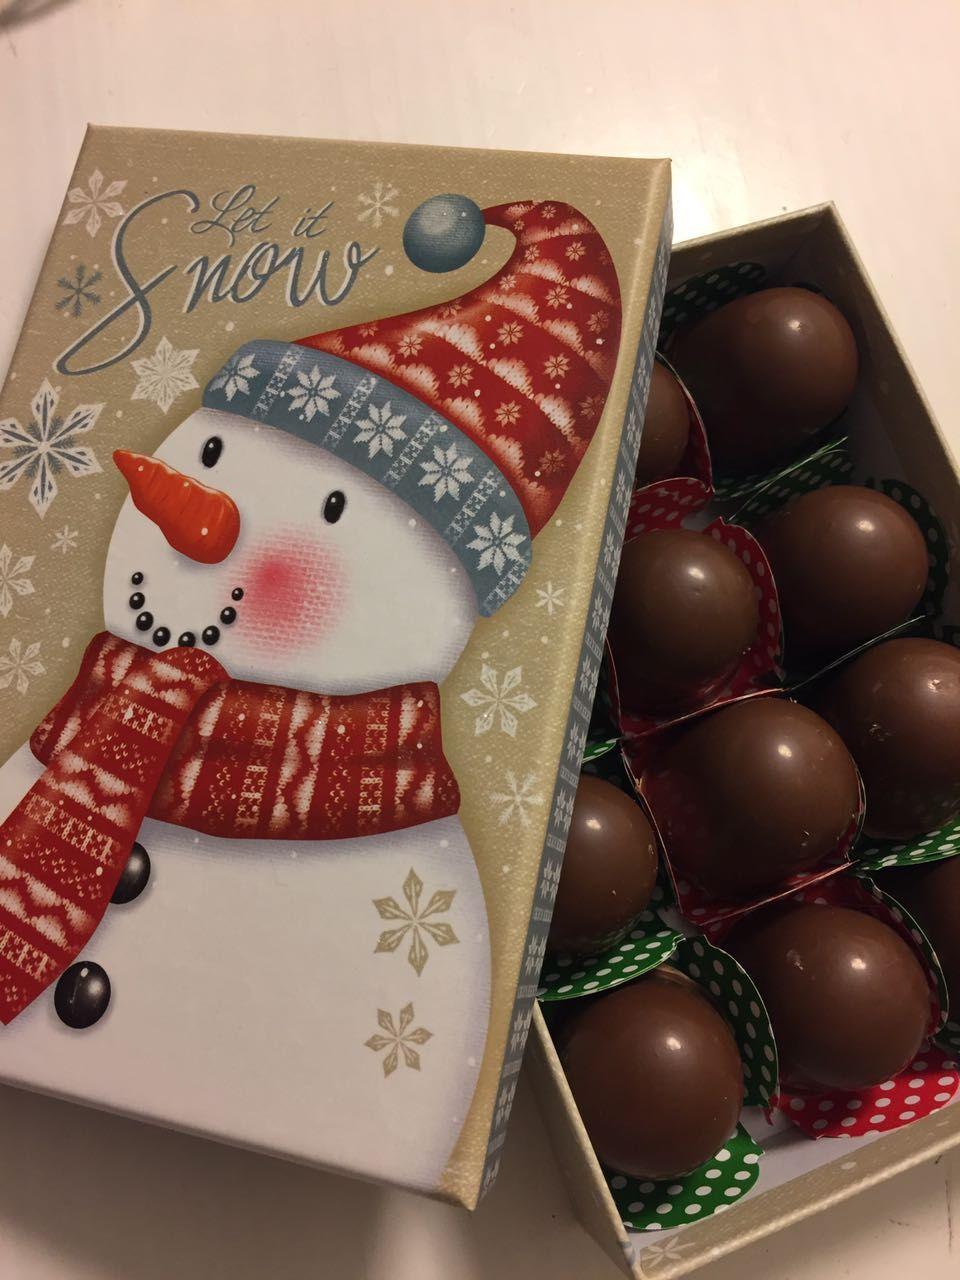 Olha esse presentinho de #Natal: caixinha com 12 bombonzinhos sortidos #Caspita! Tem de brigadeiro, Nutella, Leite Ninho, bicho-de-pé, Ovomaltine, paçoca....